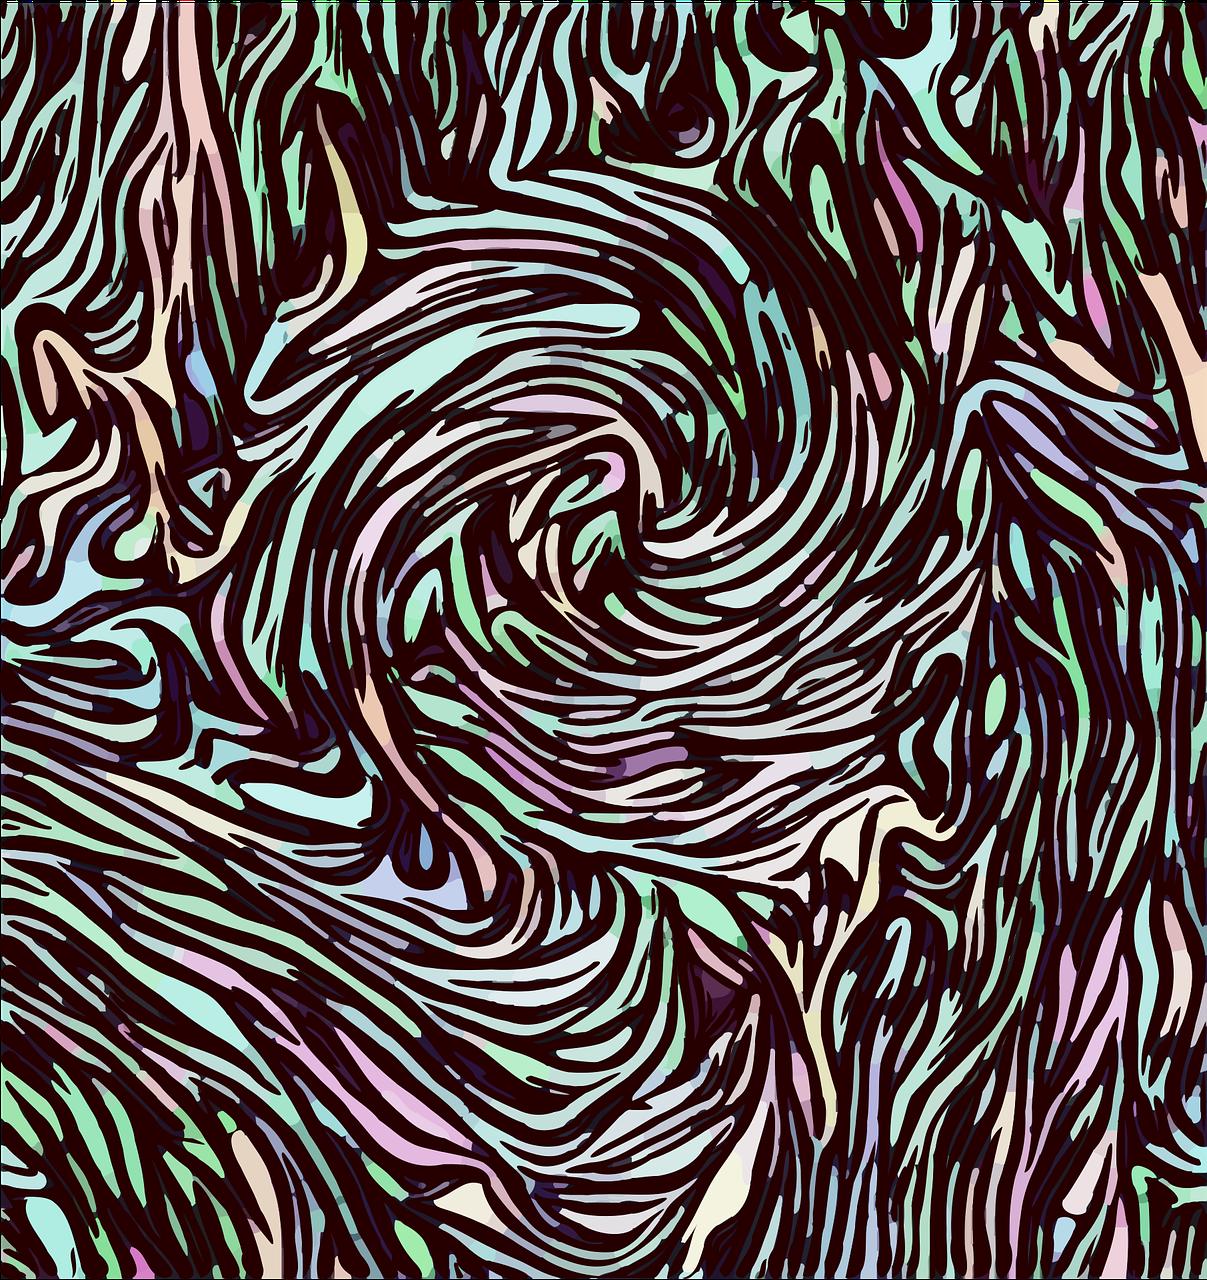 Twirl, Twirl